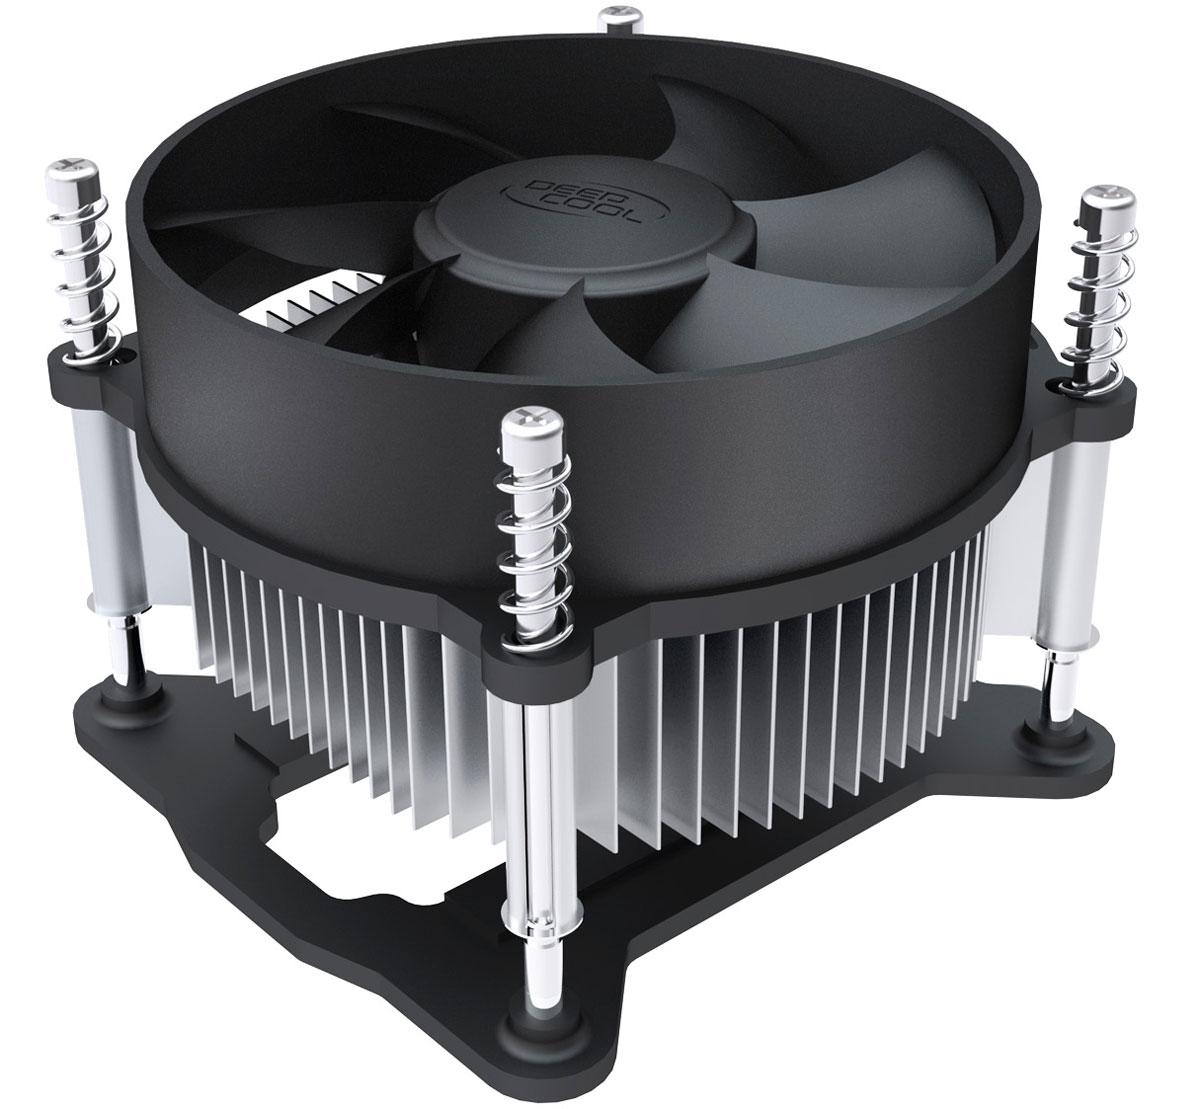 Deepcool CK-11508 кулер компьютерныйCK-11508Кулер для процессора Deepcool CK-11508 совместим с сокетами Intel S1150, S1155 и S1156. Скорость вращения вентилятора составляет 2200 оборотов в минуту при уровне шума в 26.3 дБ. Радиатор кулера выполнен из алюминия. Качественный радиатор с вентилятором диаметром 92 мм для более эффективного рассеивания тепла. Винтовое крепление и задняя планка для обеспечения большей безопасности системы.